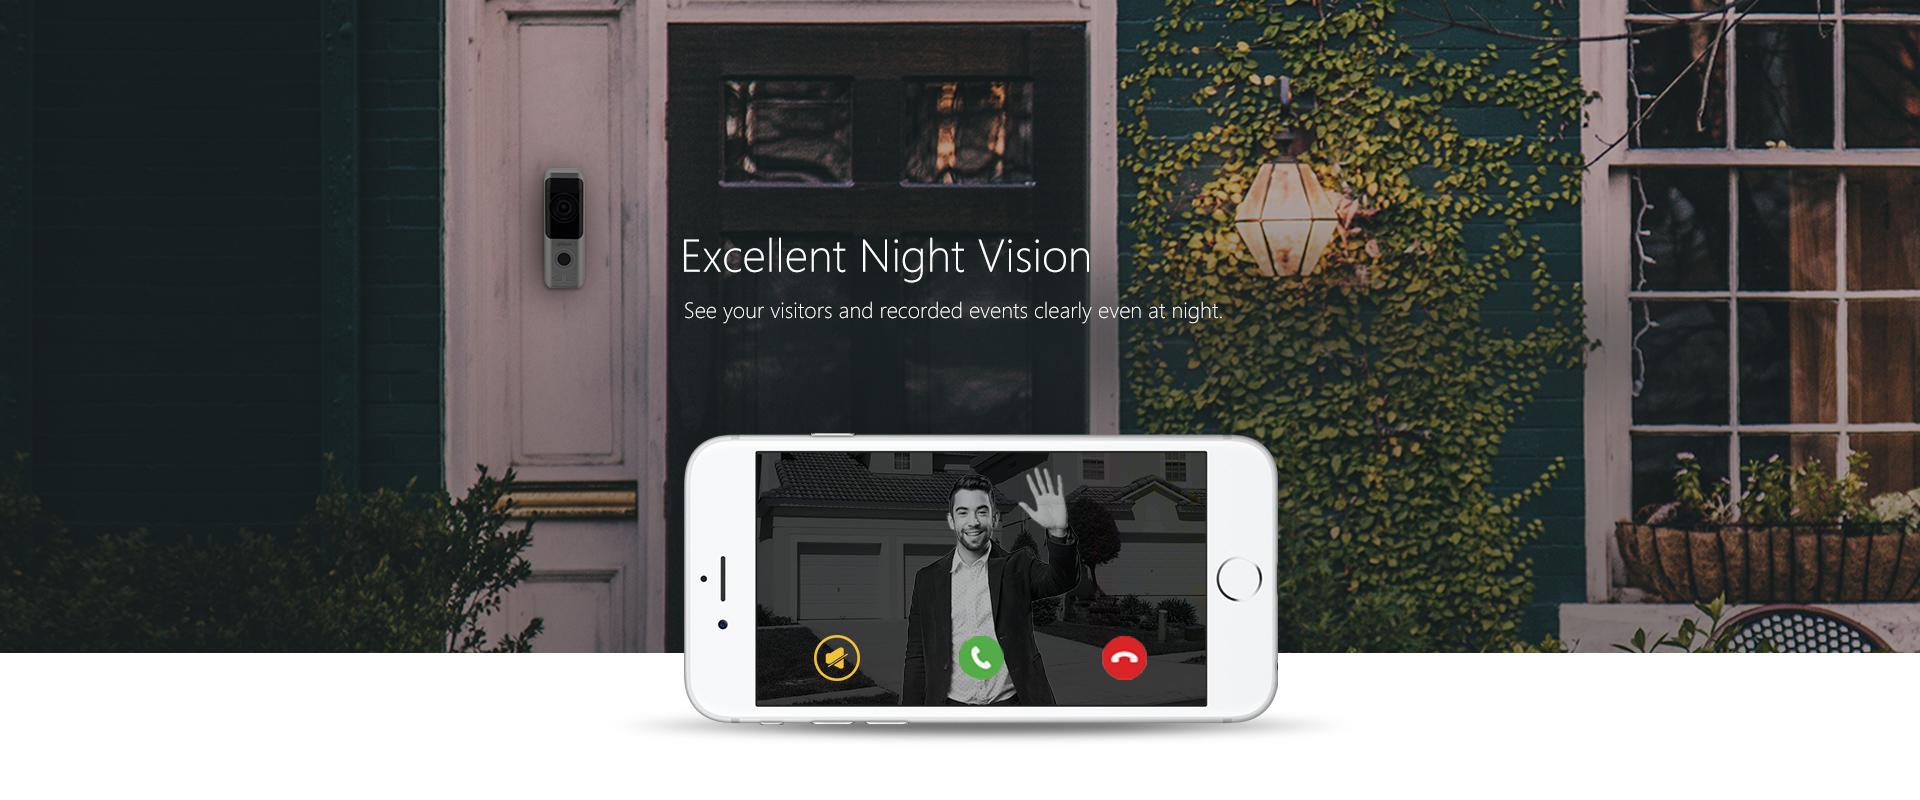 Funk-Video-Gegensprechanlage-Installation-fuer-Ihr-Haus-oder-Firma-IP-Tuerklingel-mit-2MP-Kamera-Wi-Fi-und-Batteriebetrieb-Ausgezeichnete Nachtsicht